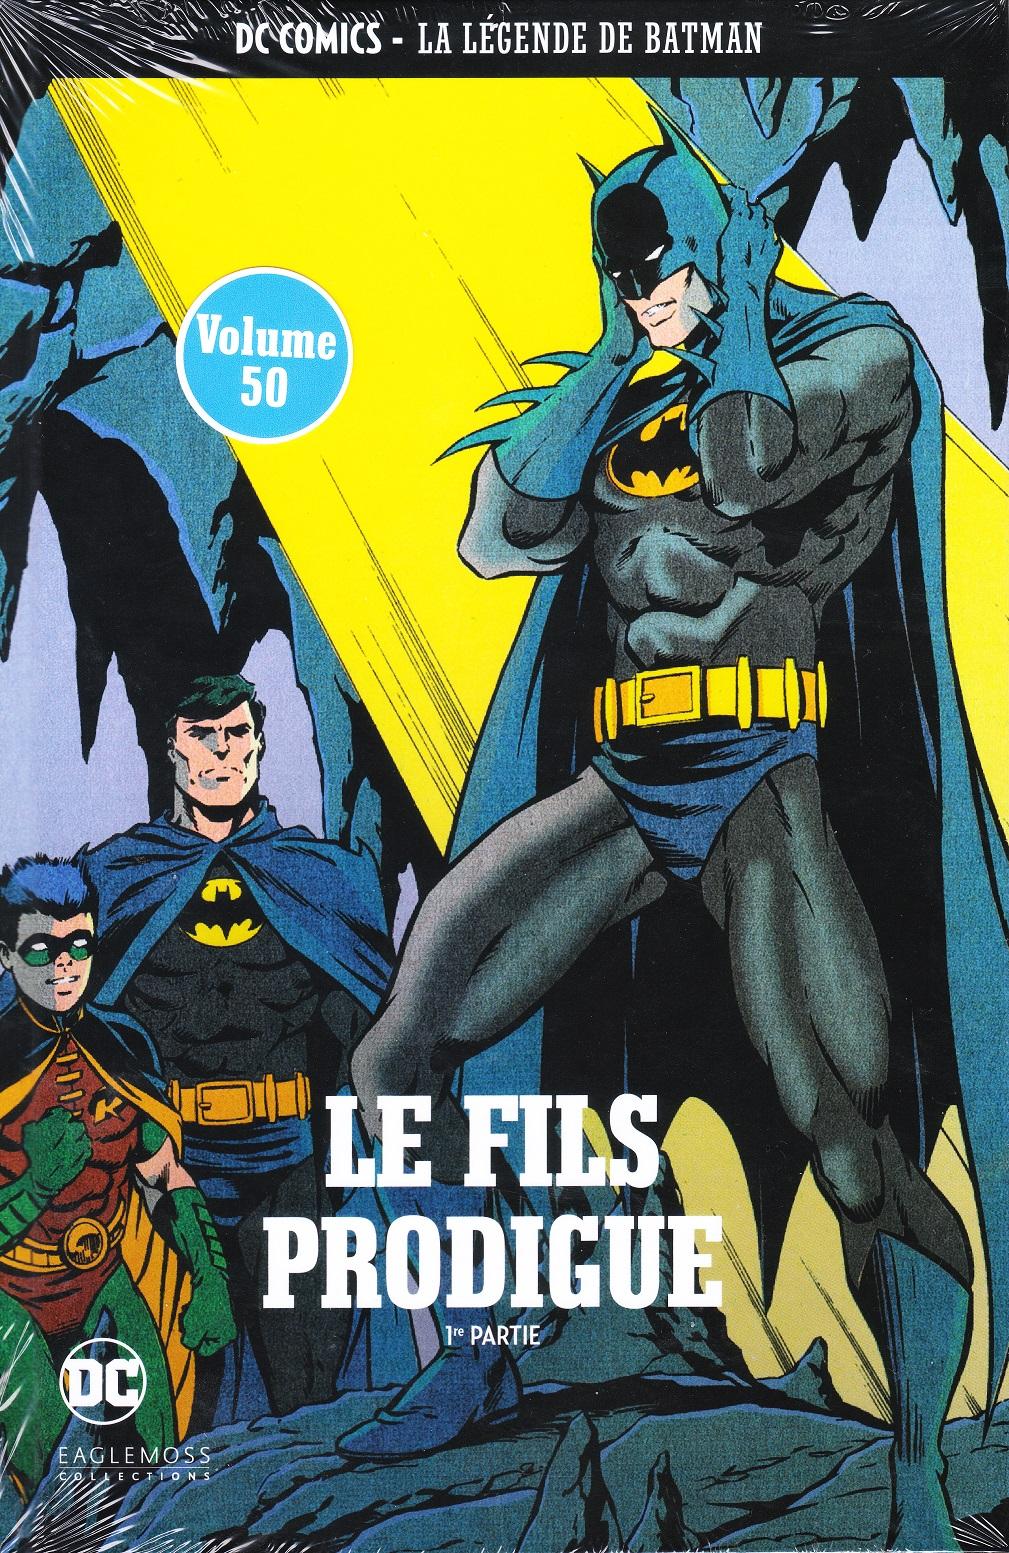 DC Comics - La Légende de Batman 28 - Le Fils Prodigue - 1re partie